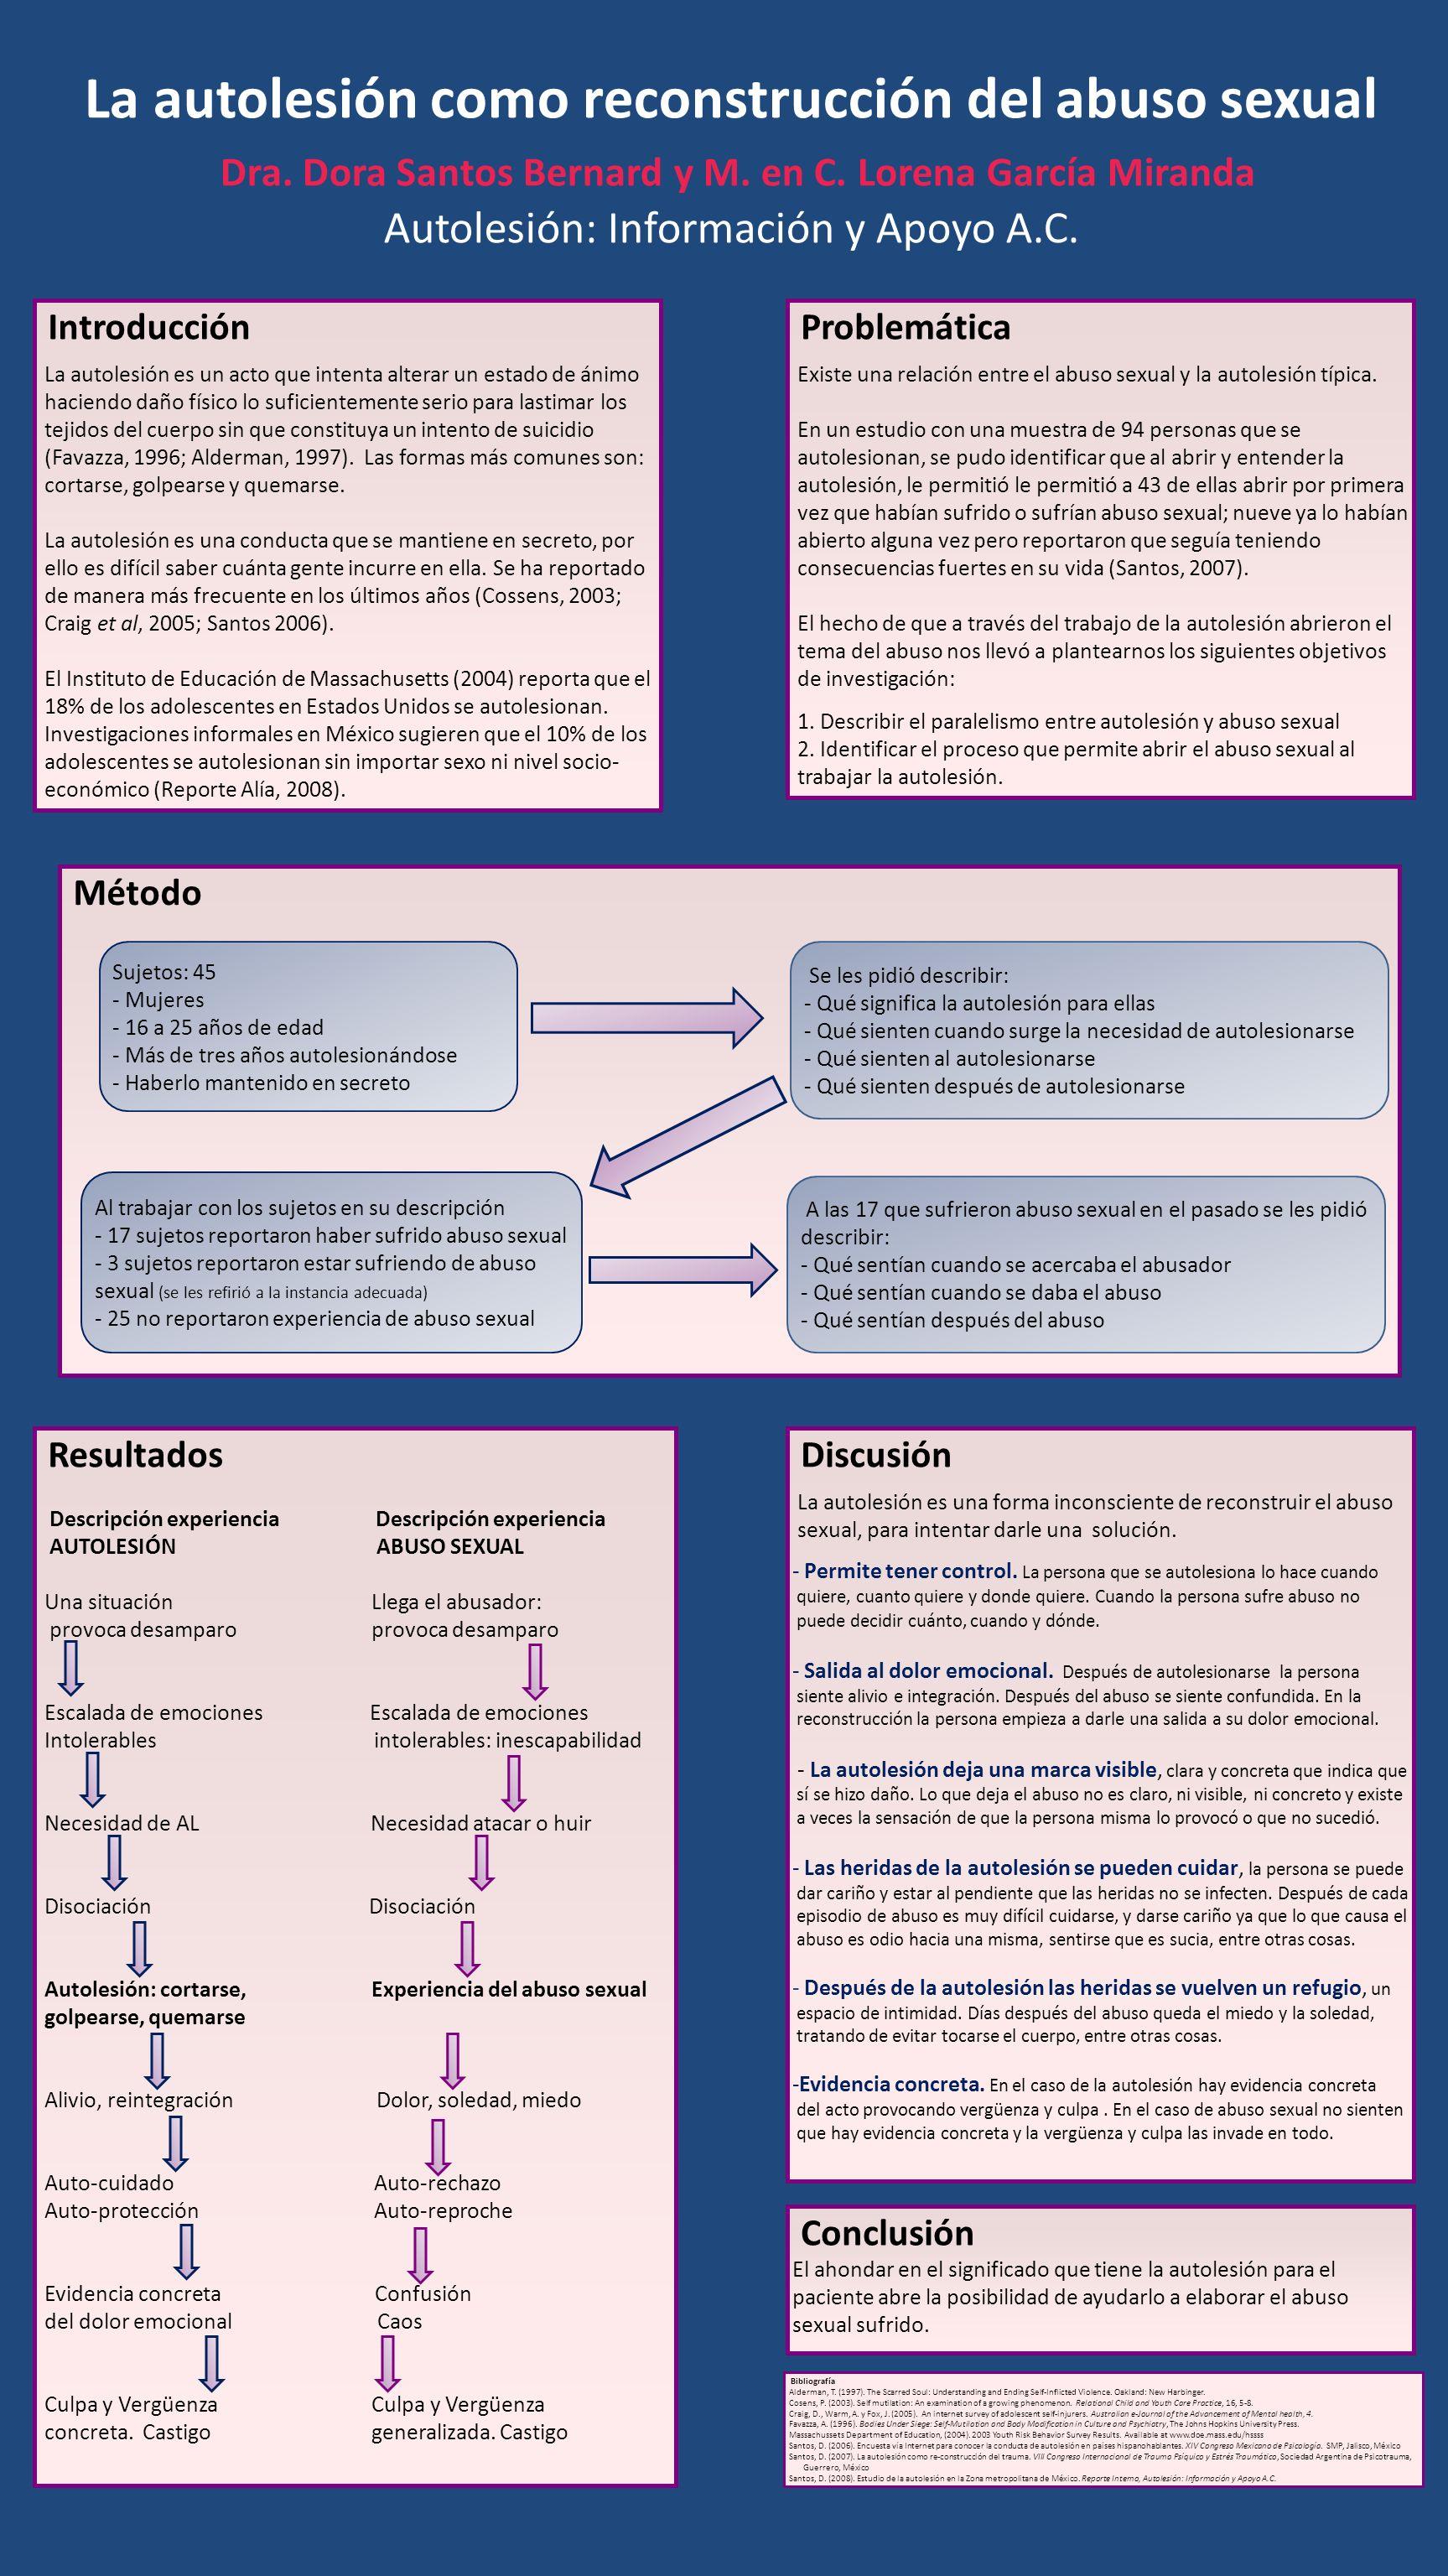 La autolesión como reconstrucción del abuso sexual Dra. Dora Santos Bernard y M. en C. Lorena García Miranda Autolesión: Información y Apoyo A.C. Intr